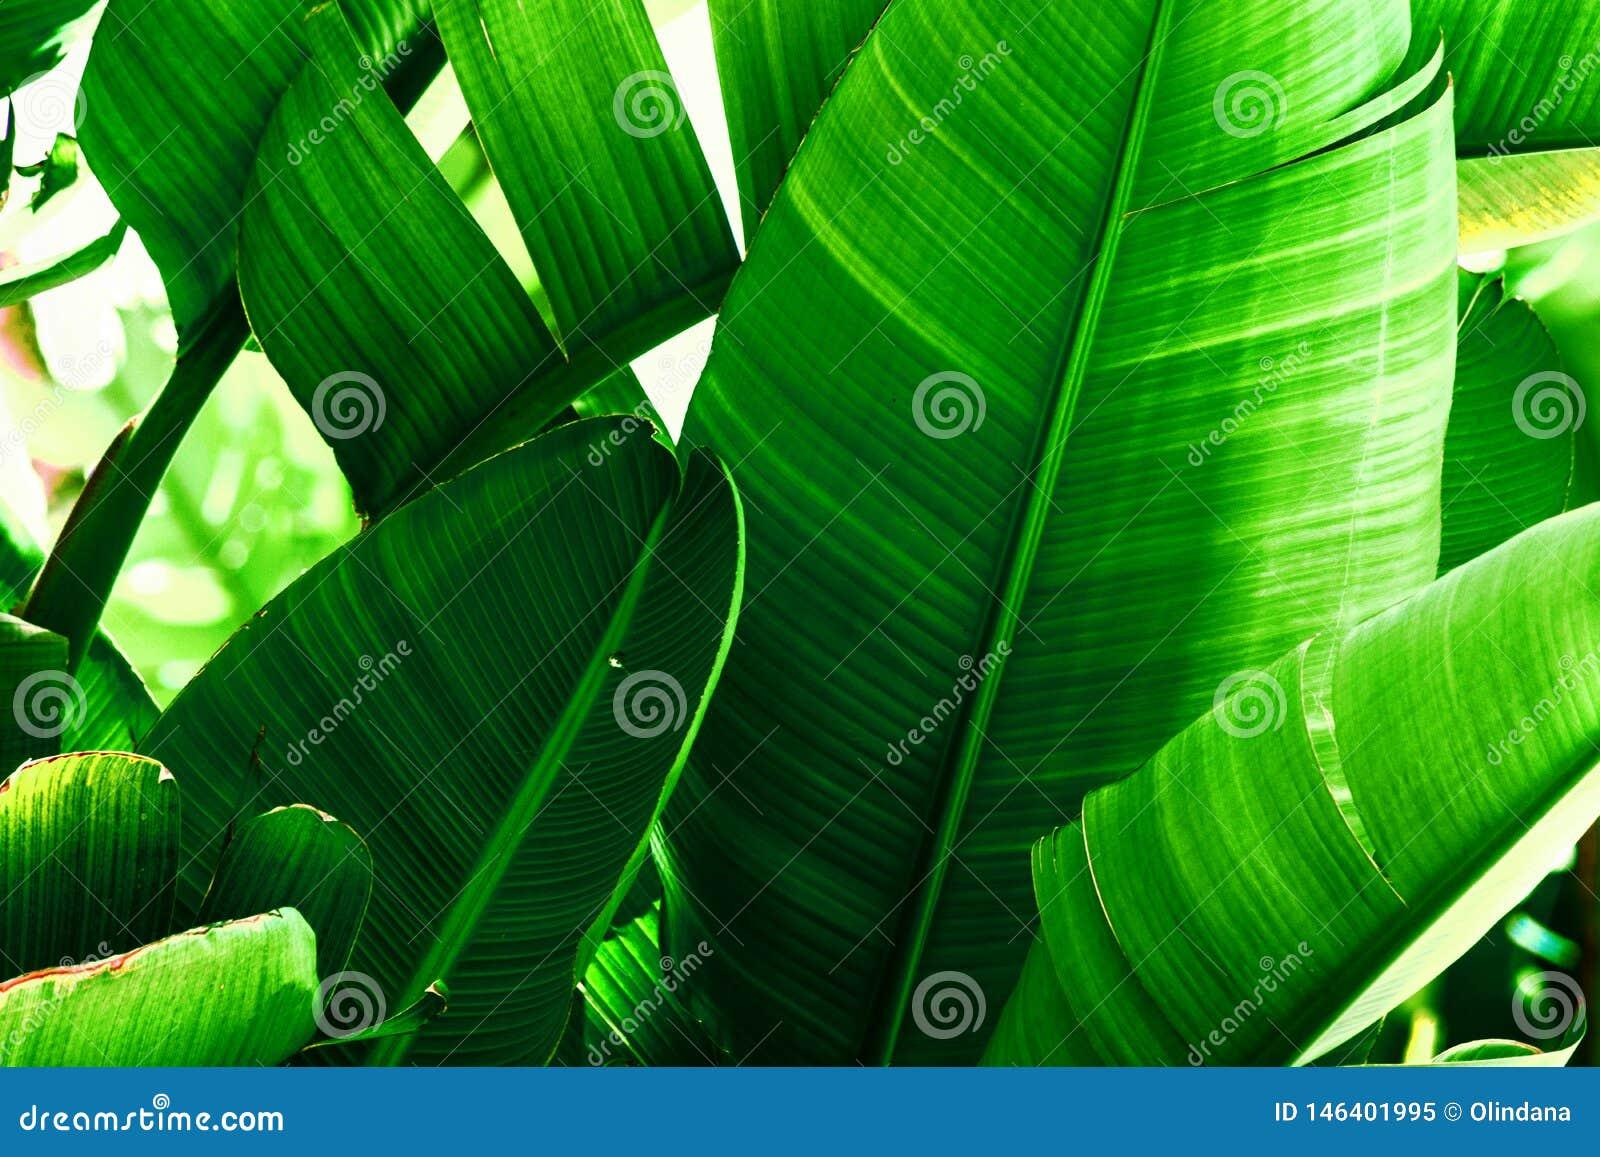 Тропическая предпосылка растительности природы Чаща пальм с большими листьями Насыщенный живой изумрудно-зеленый цвет